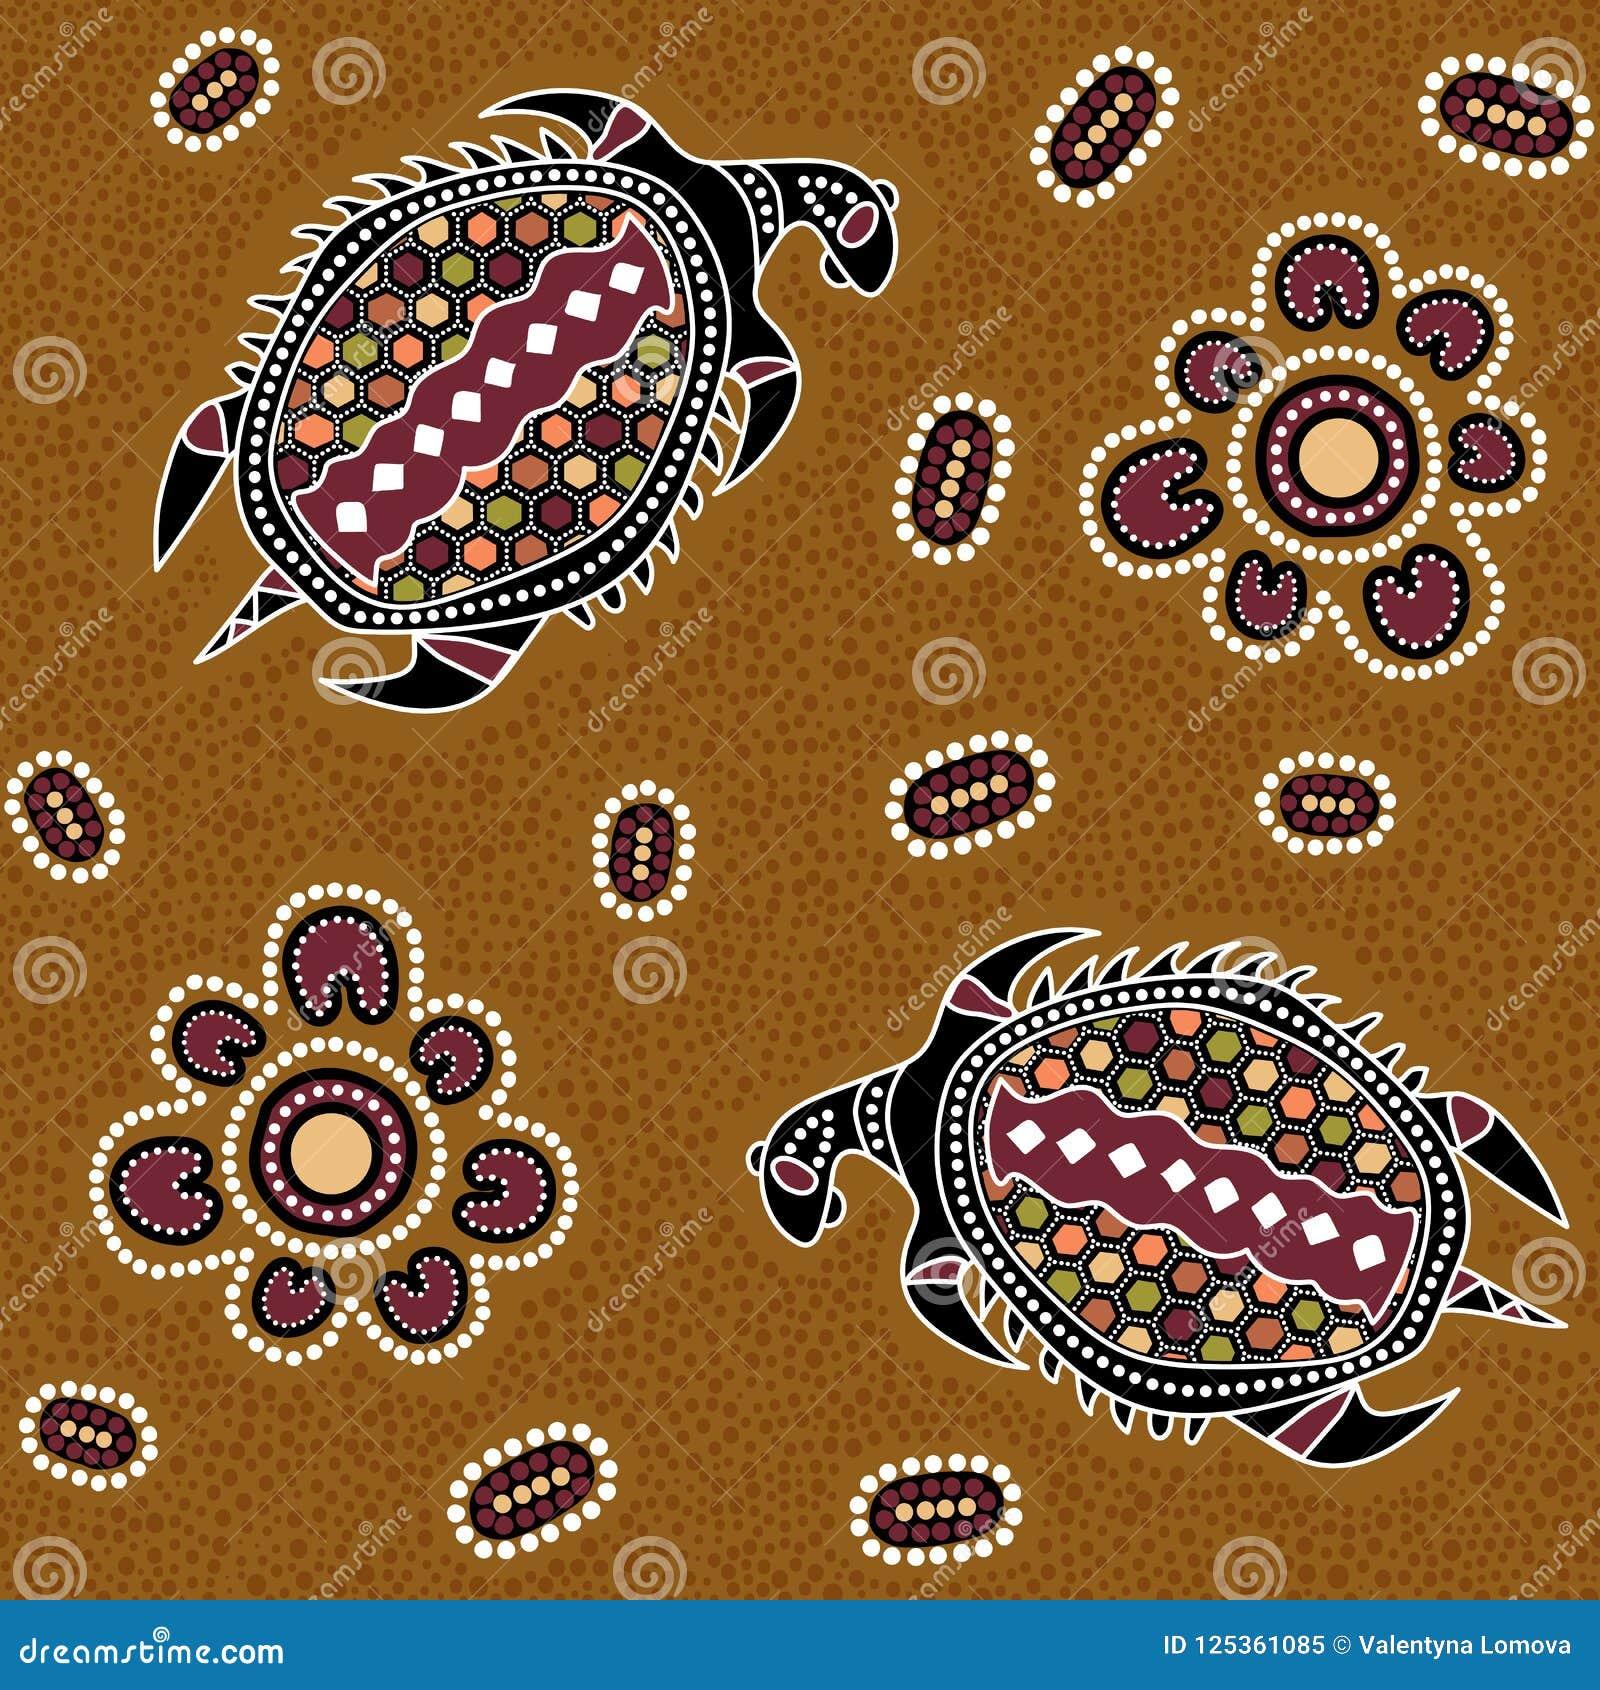 Modello senza cuciture aborigeno australiano di vettore con i cerchi punteggiati, gli ovali, le tartarughe ed altri elementi